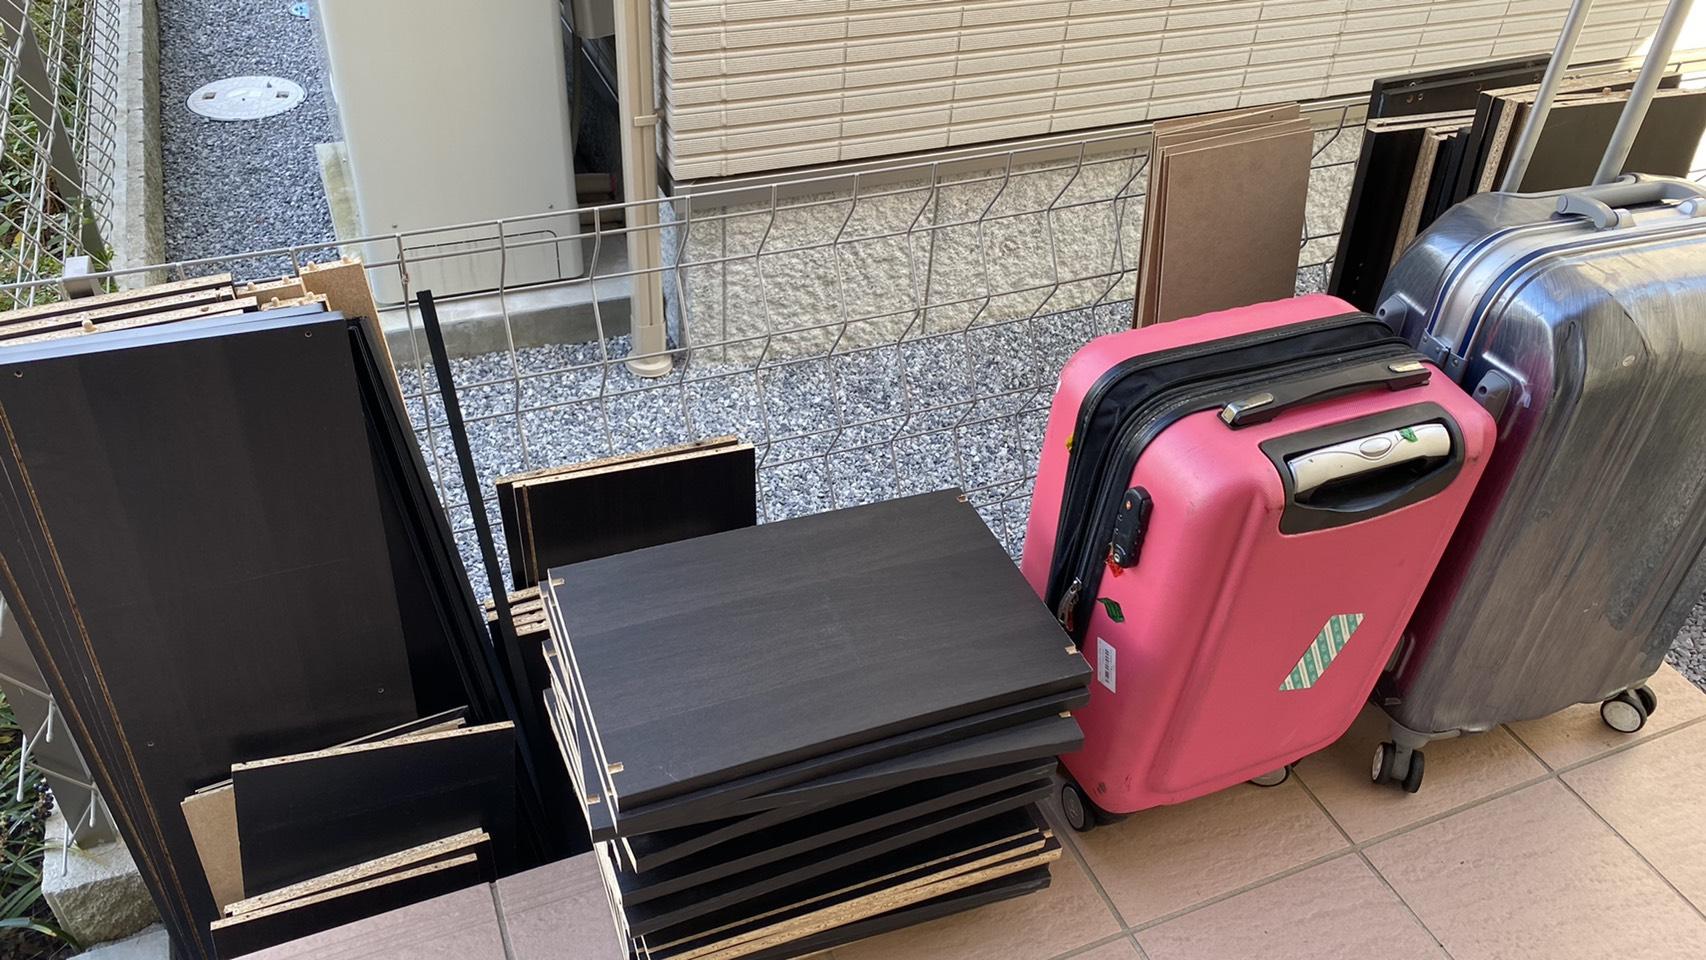 スーツケース、カラーボックスの回収前